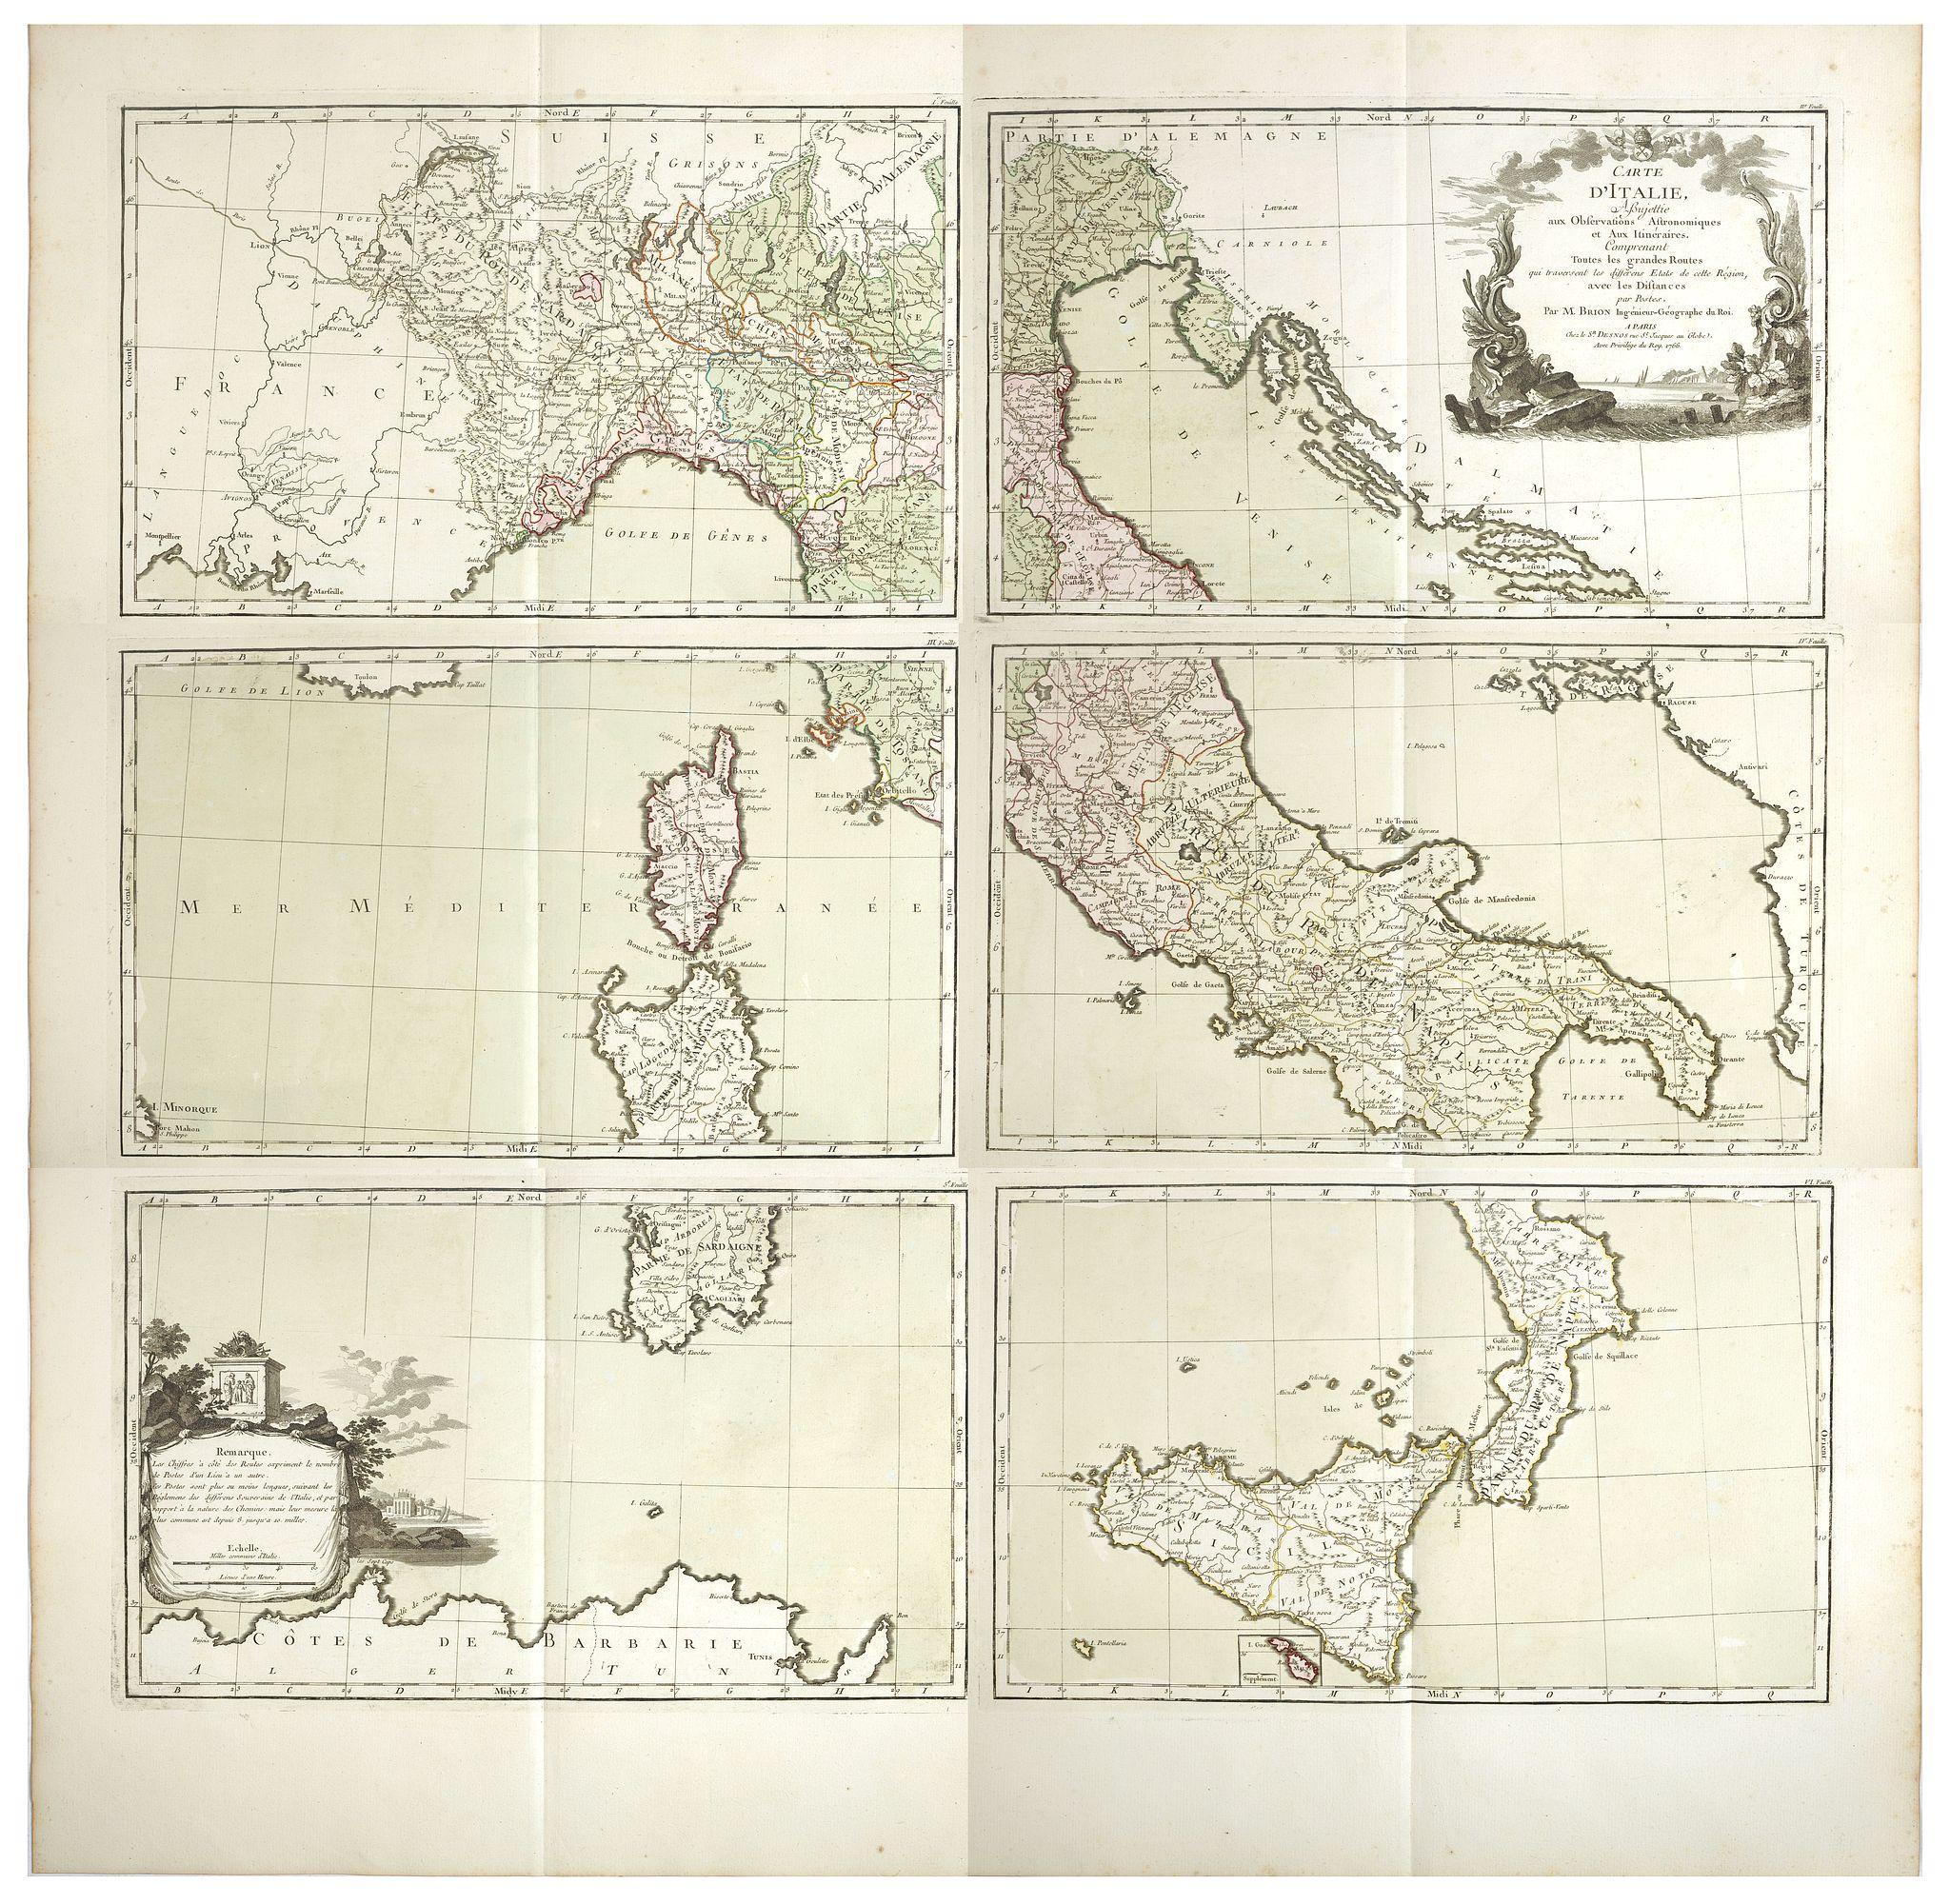 DESNOS, Louis Charles -  Carte d'Italie, assujettie aux observations astronomiques et aux itinéraires. Comprenant toutes les grandes routes qui traversent les différens Etat de cette région . . .